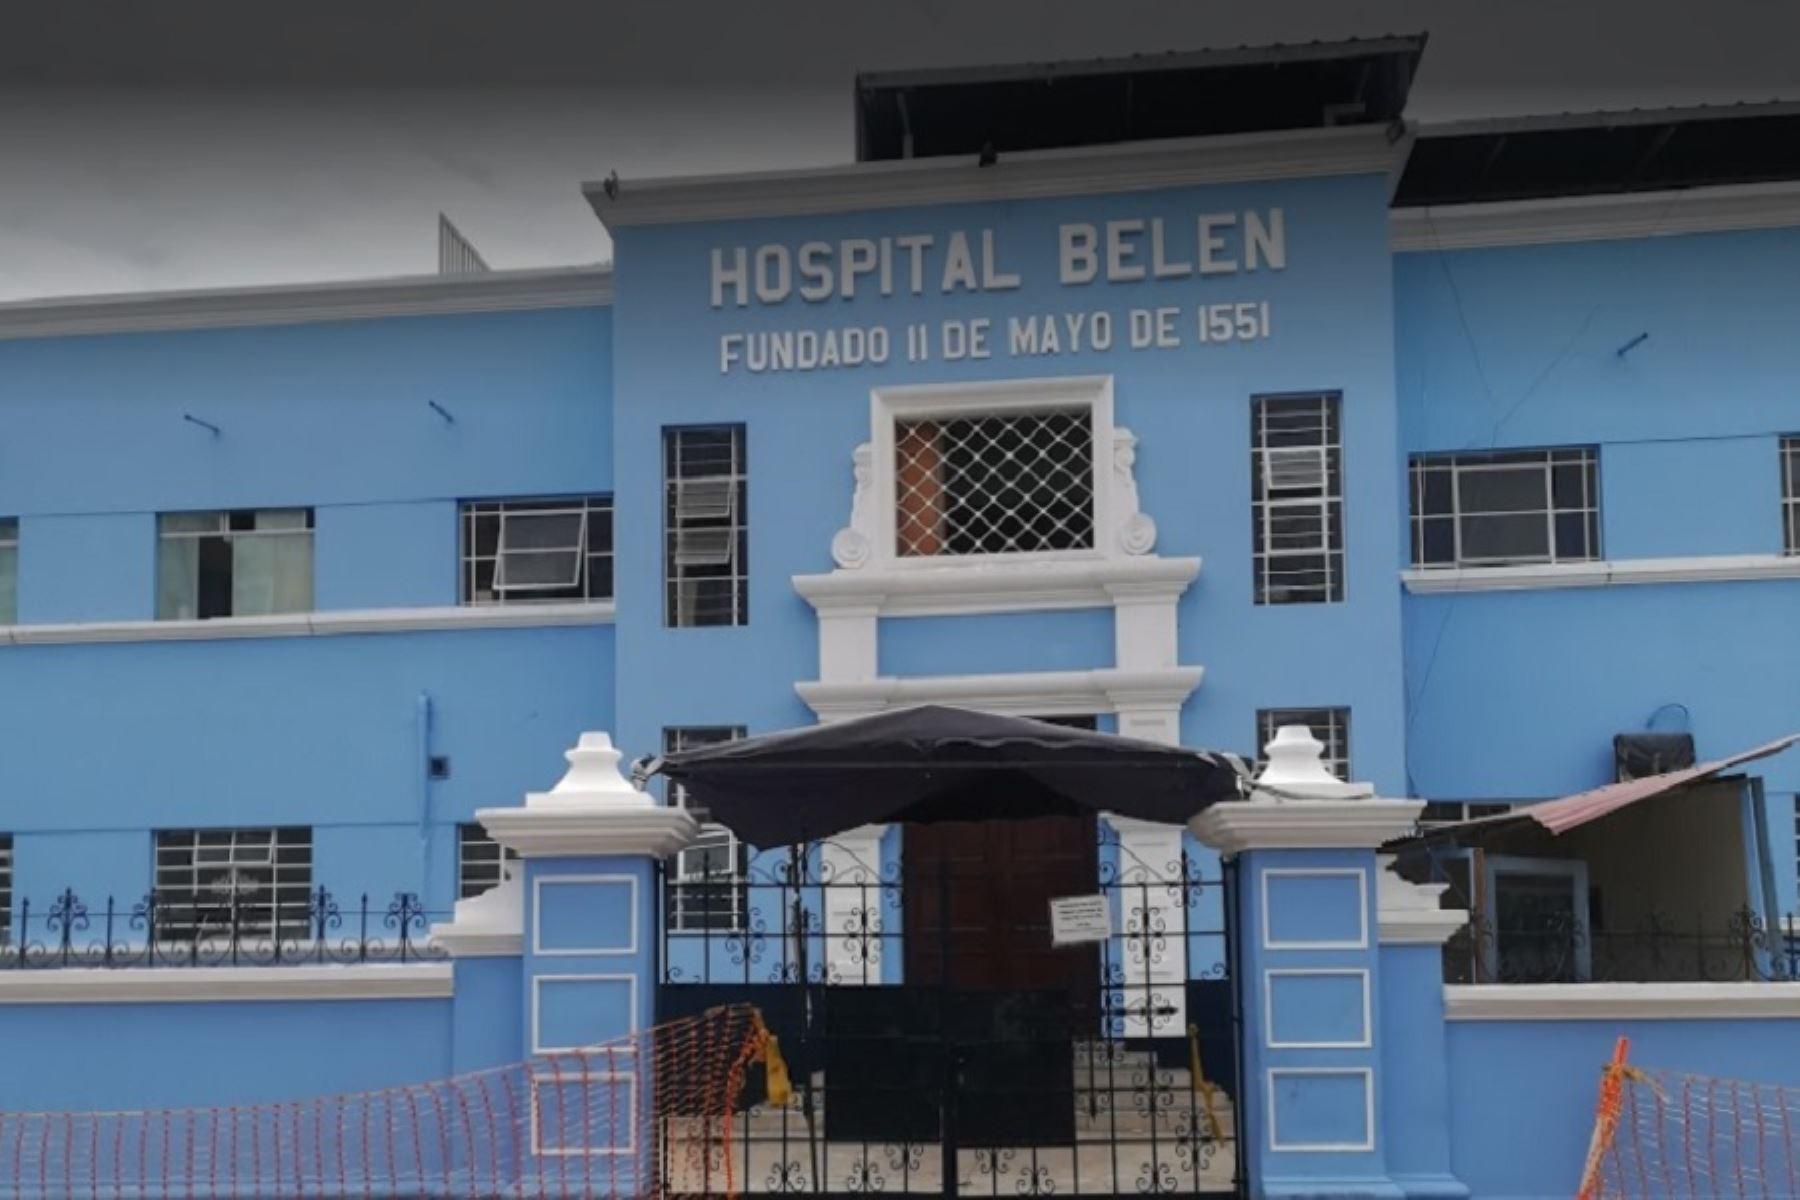 El hospital Belén de Trujillo atiende el mayor número de casos del Síndrome de Guillain-Barré reportados en Trujillo. ANDINA/Difusión